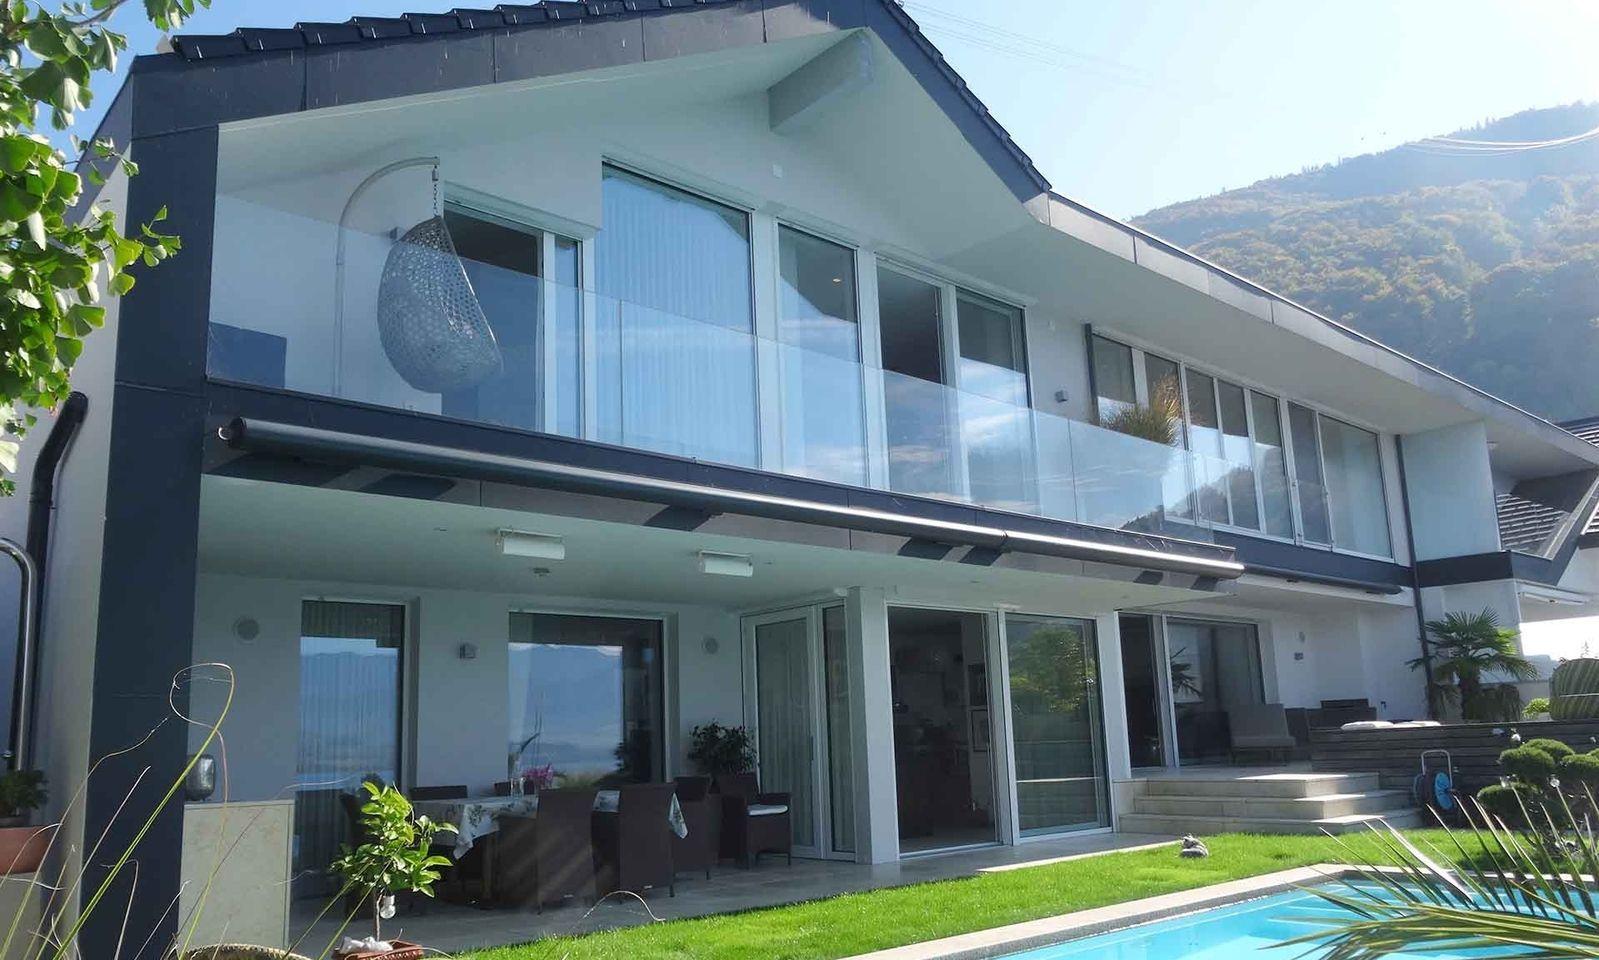 Am Traunsee herrscht das ganze Jahr über reges Leben. Im Bild eine Villa, die derzeit in Gmunden zum Verkauf steht.